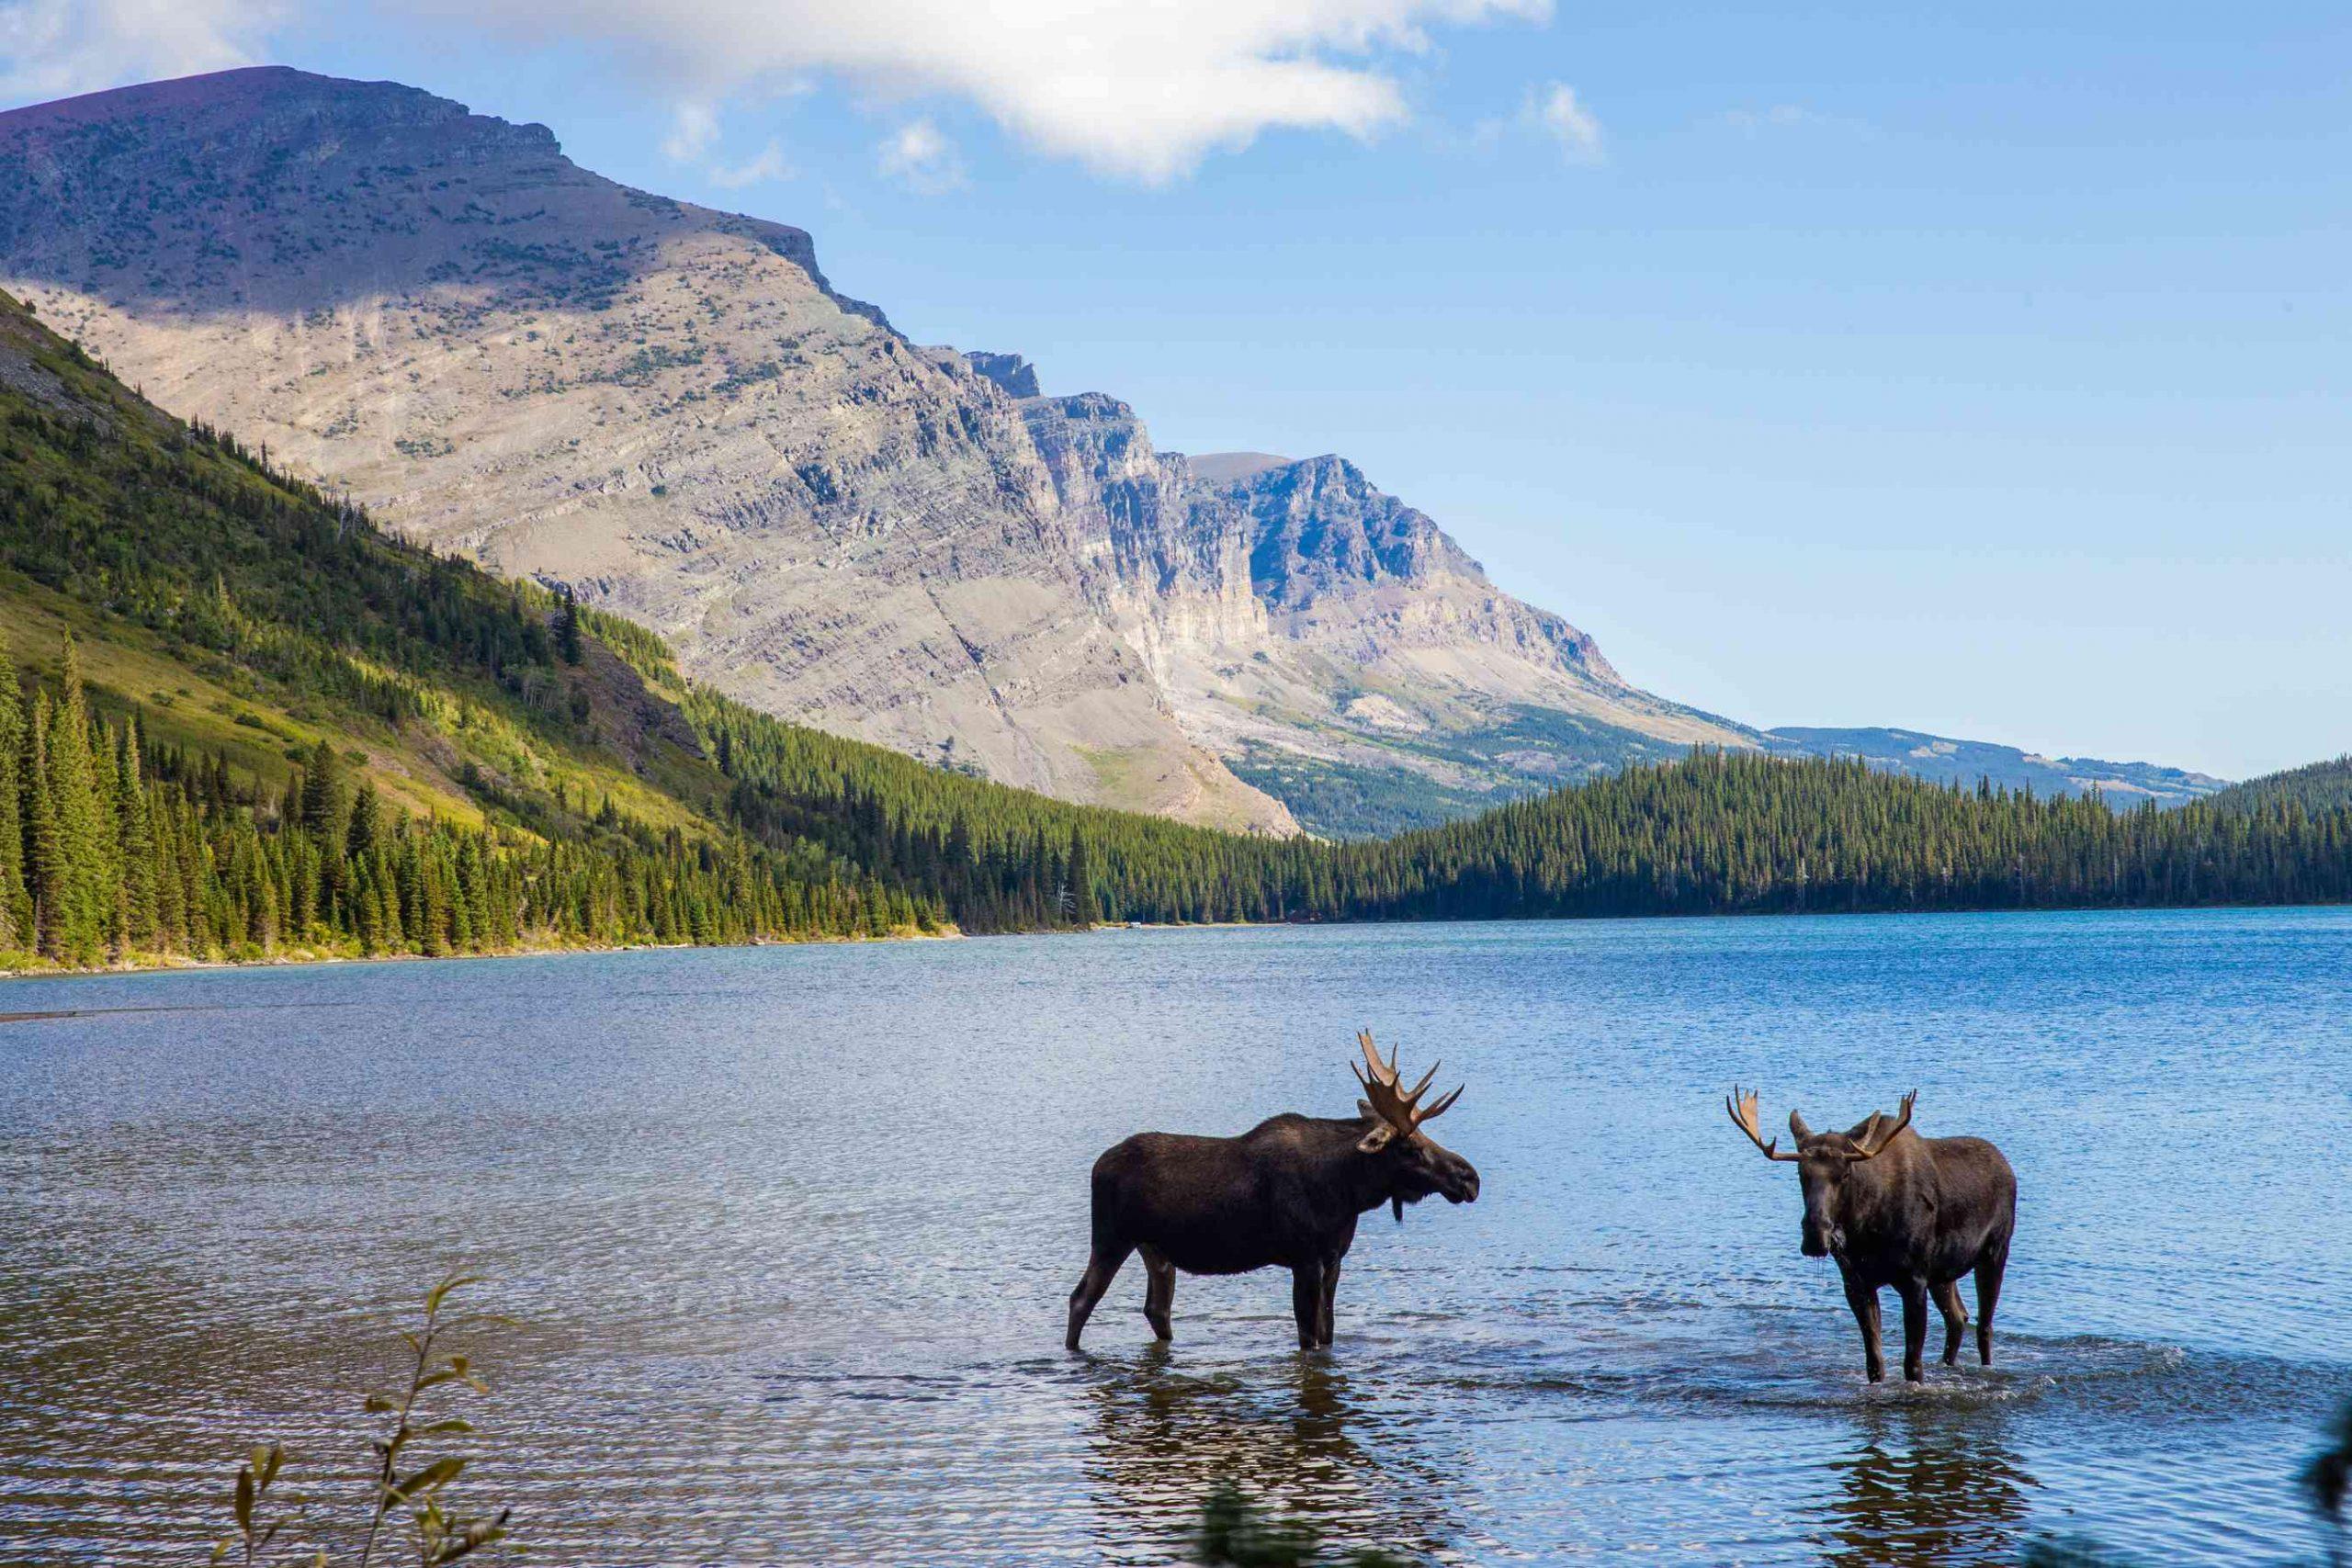 أفضل المعالم السياحية في مونتانا 2022